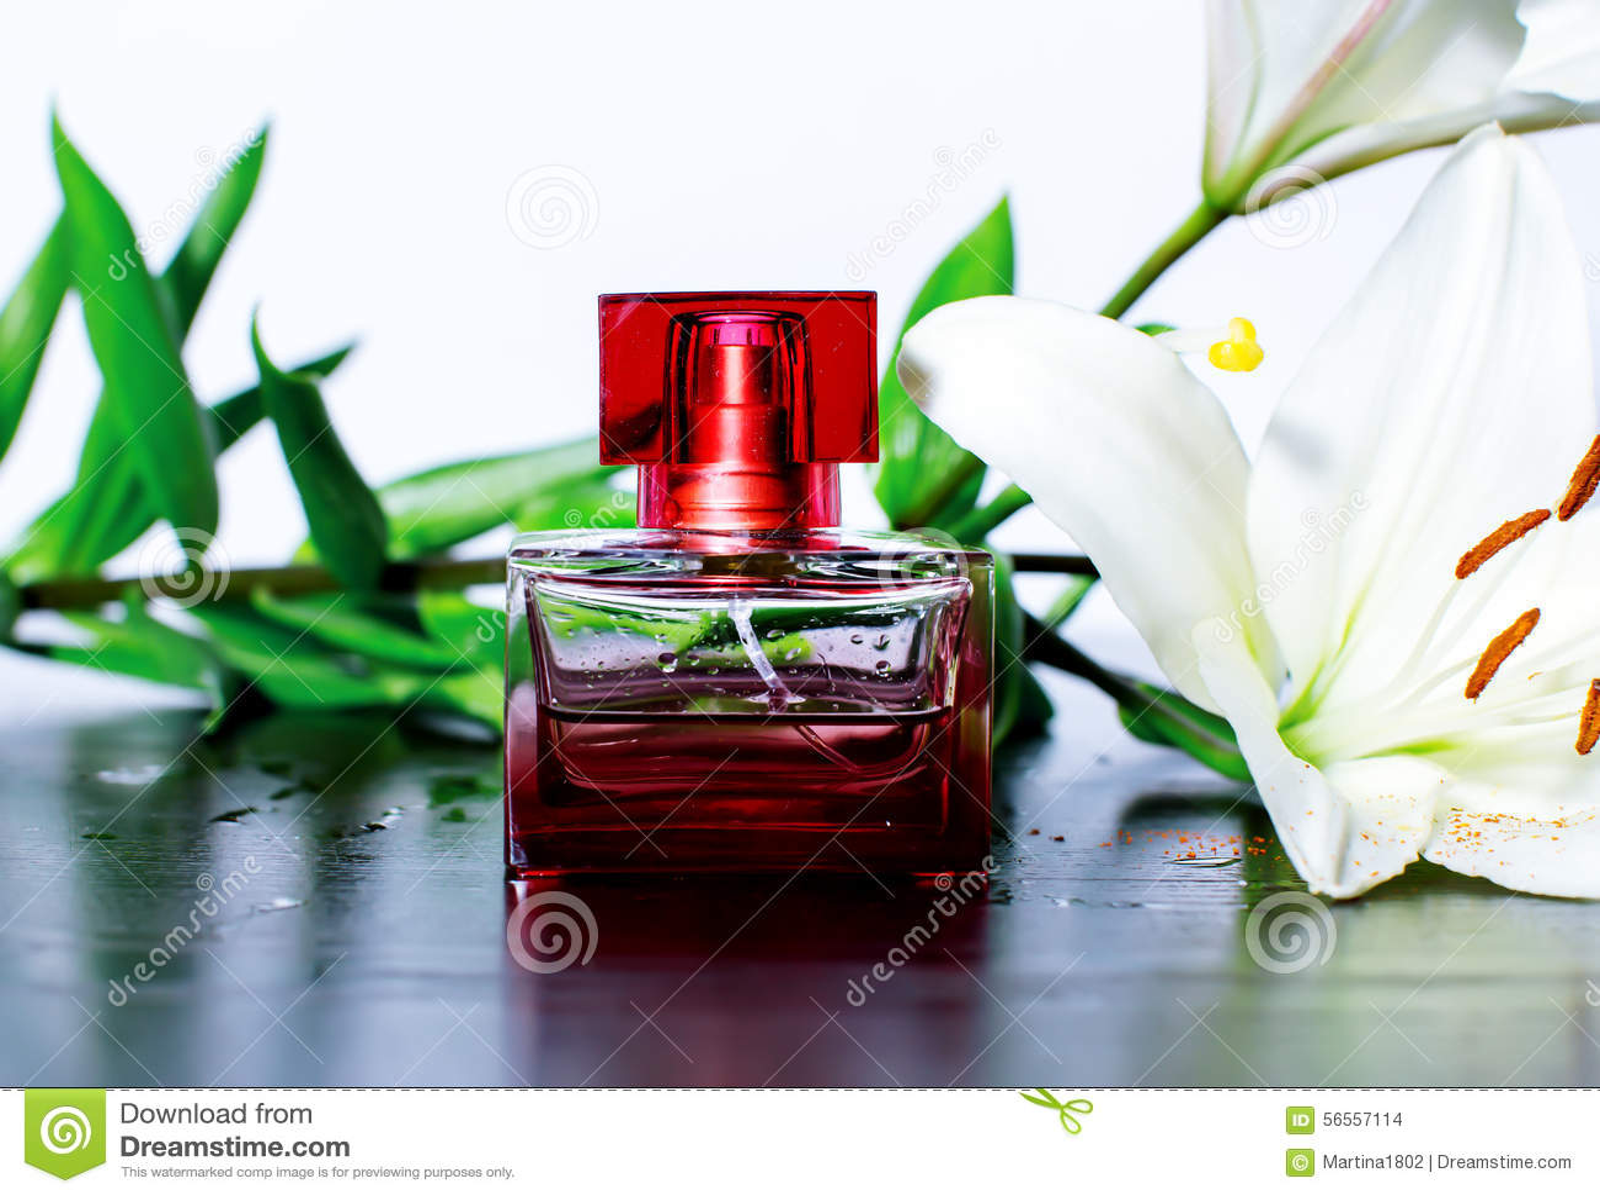 Download Άρωμα με ένα ρόδινο τρυφερό λουλούδι και τις πτώσεις του νερού Στοκ Εικόνες - εικόνα από ροζ, και: 56557114